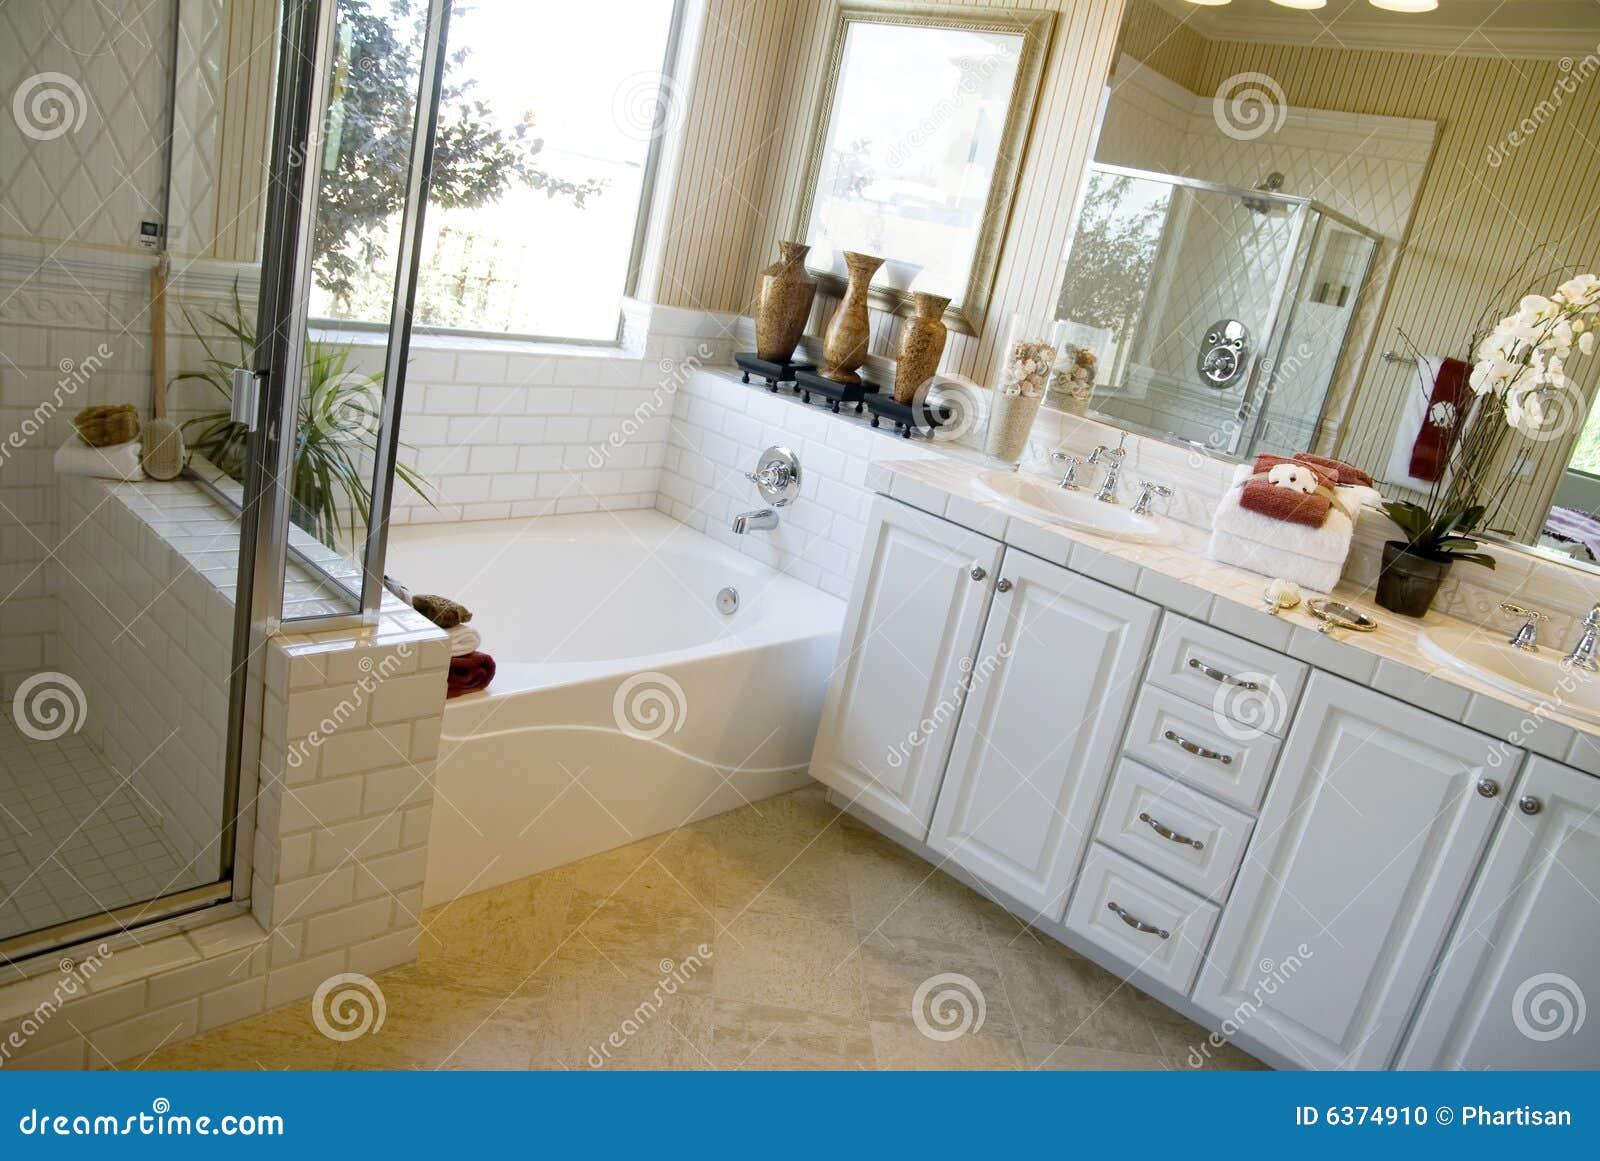 hermosas fotos de diseño de baño Diseo Interior Del Cuarto De Bao Hermoso Foto De Archivo